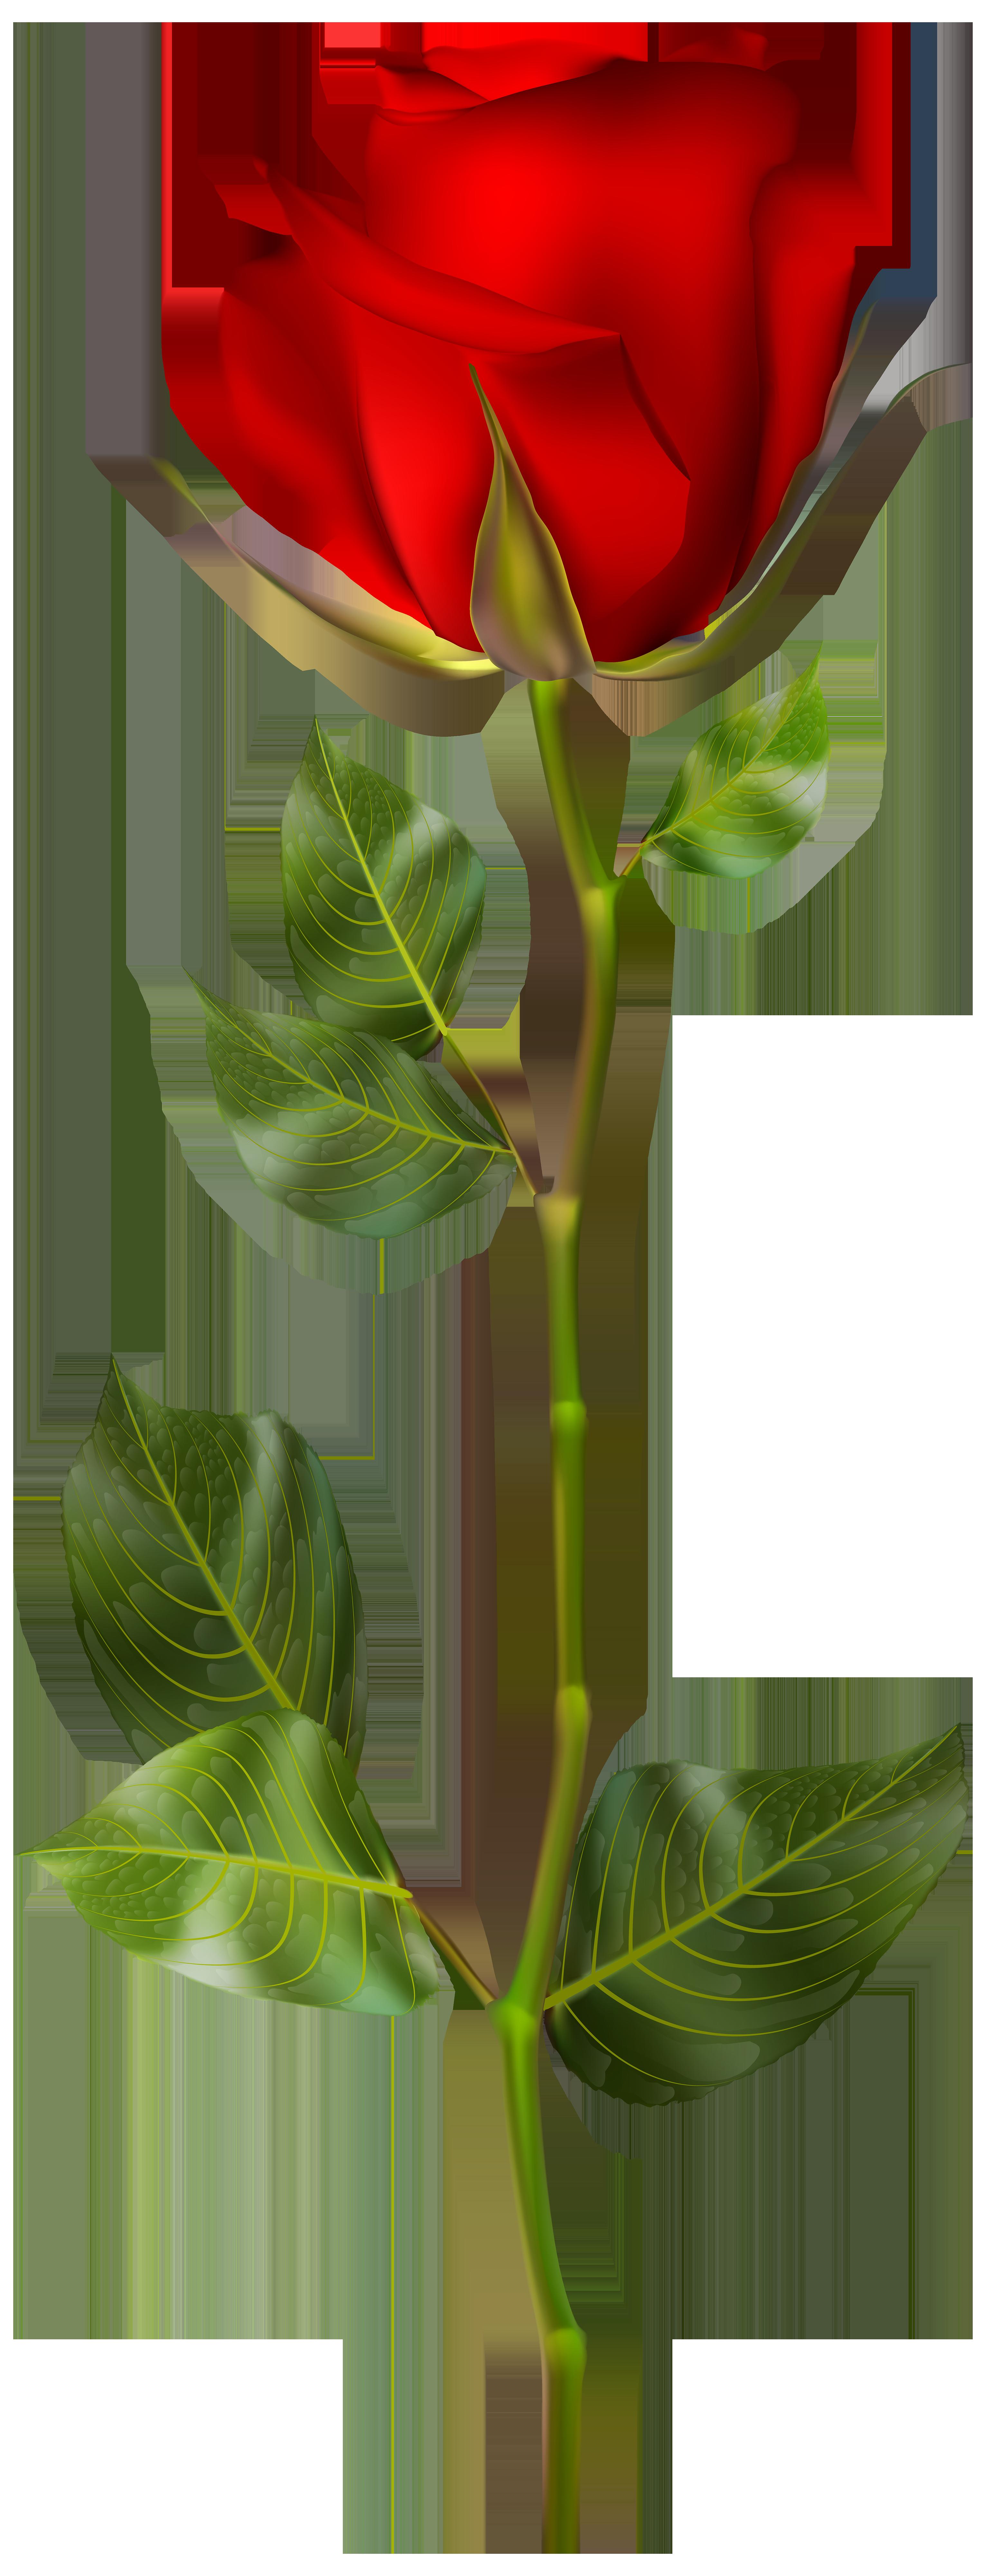 Bud at getdrawings com. Clipart rose rose bush